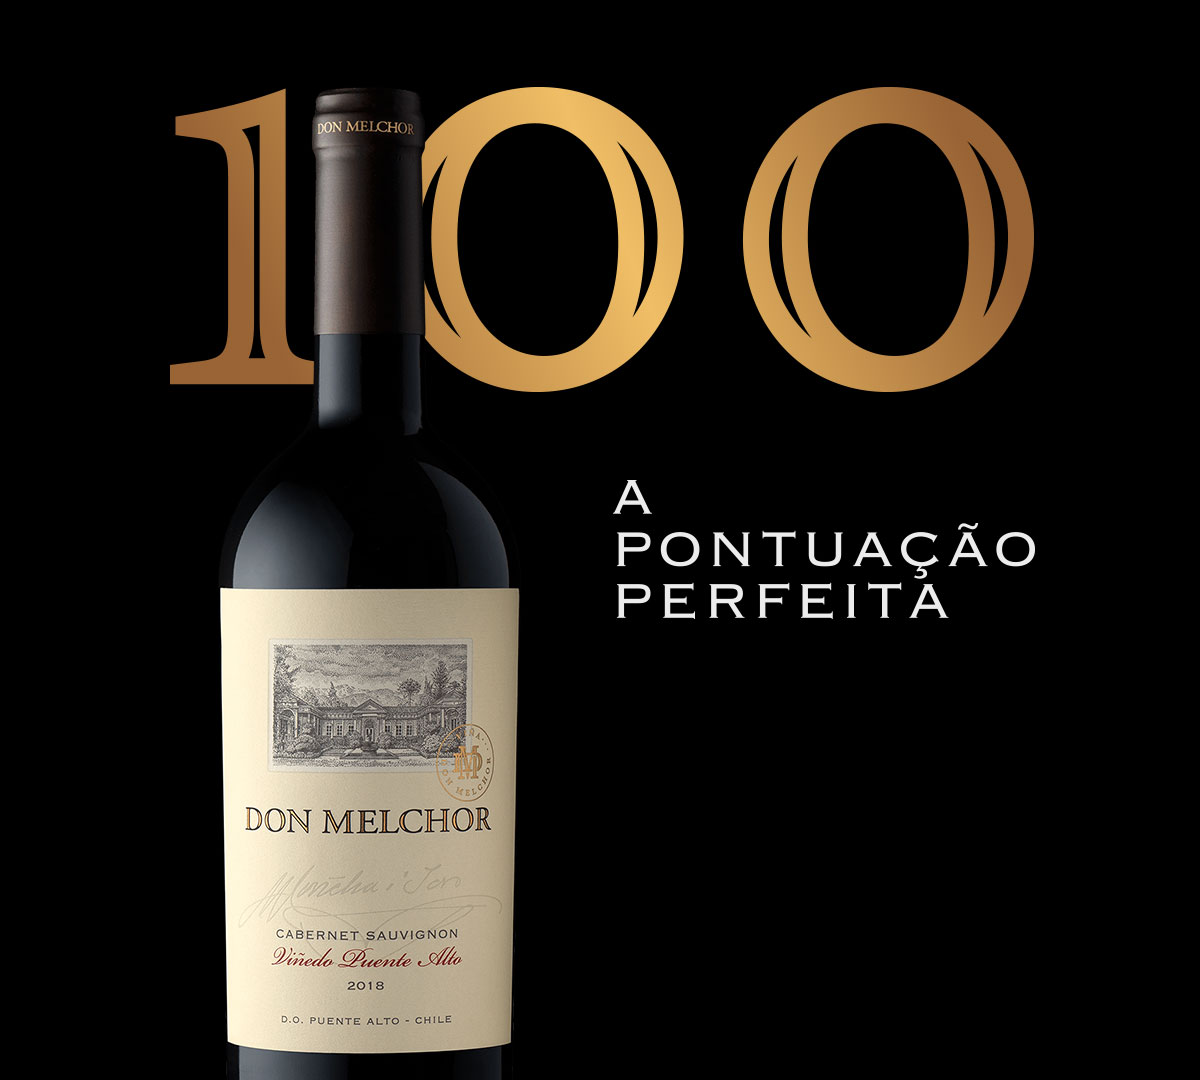 Don Melchor obtém 100 pontos, a pontuação perfeita